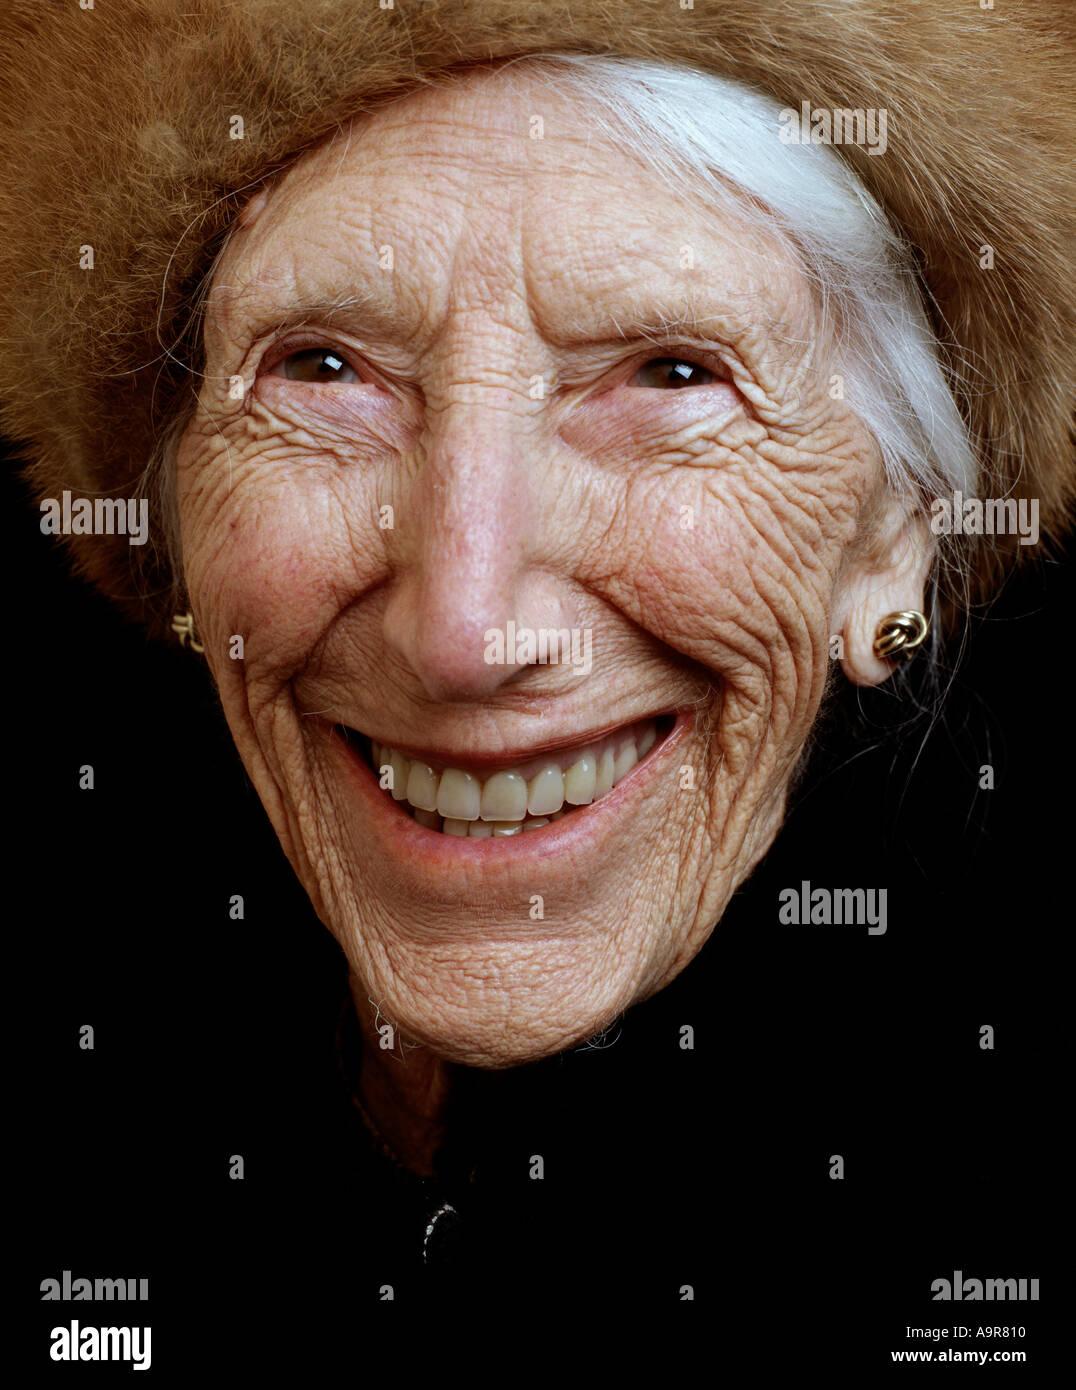 Porträt einer alten Dame tragen ihr Krieg Zeit gesund Gesundheit ...